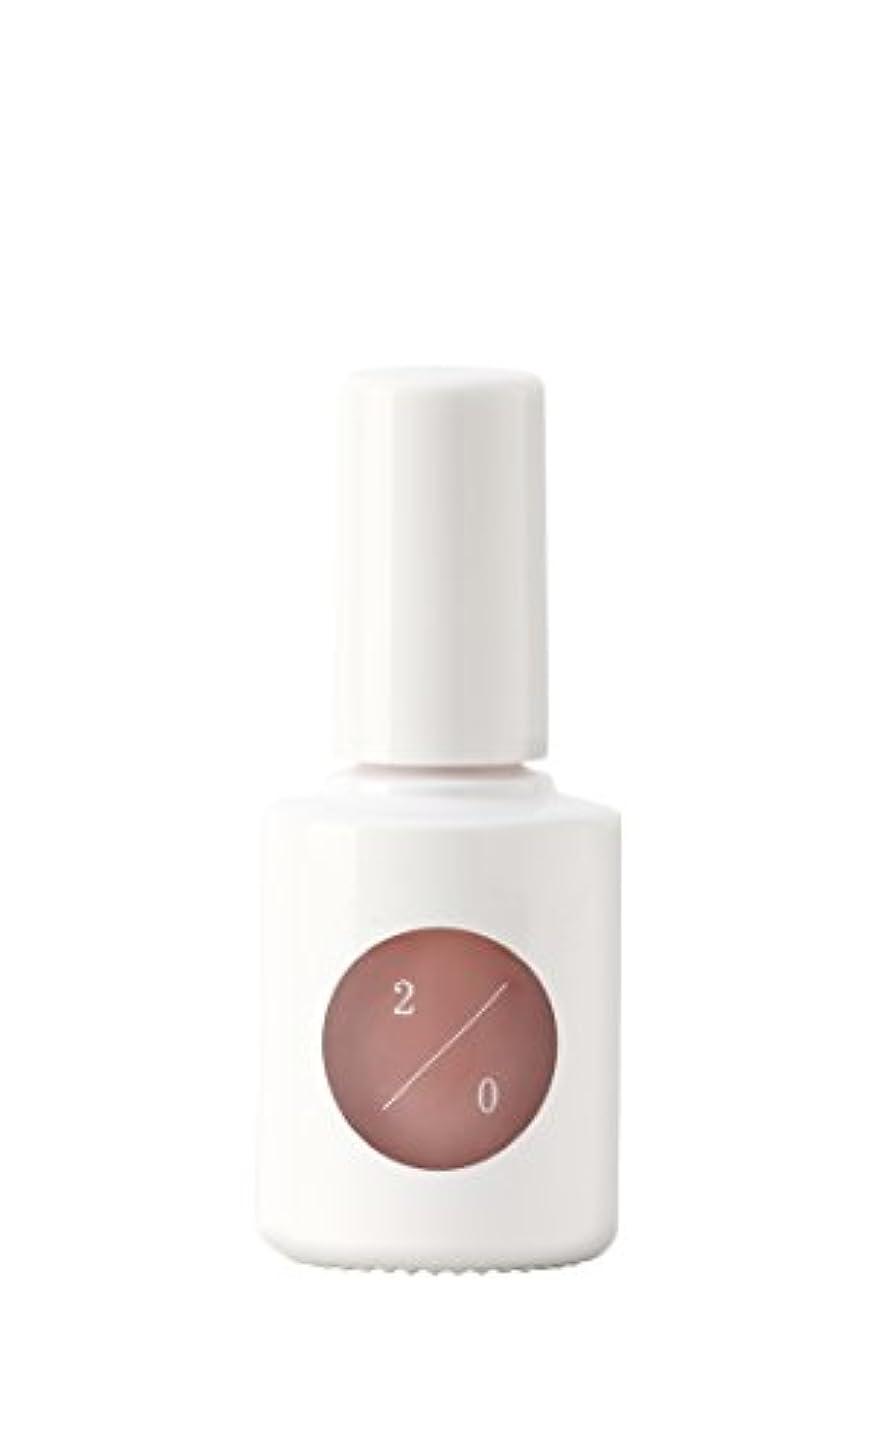 ショートであることブーストuka カラーベースコート 2/0 (ゼロブンノニ) 血色感ピンク